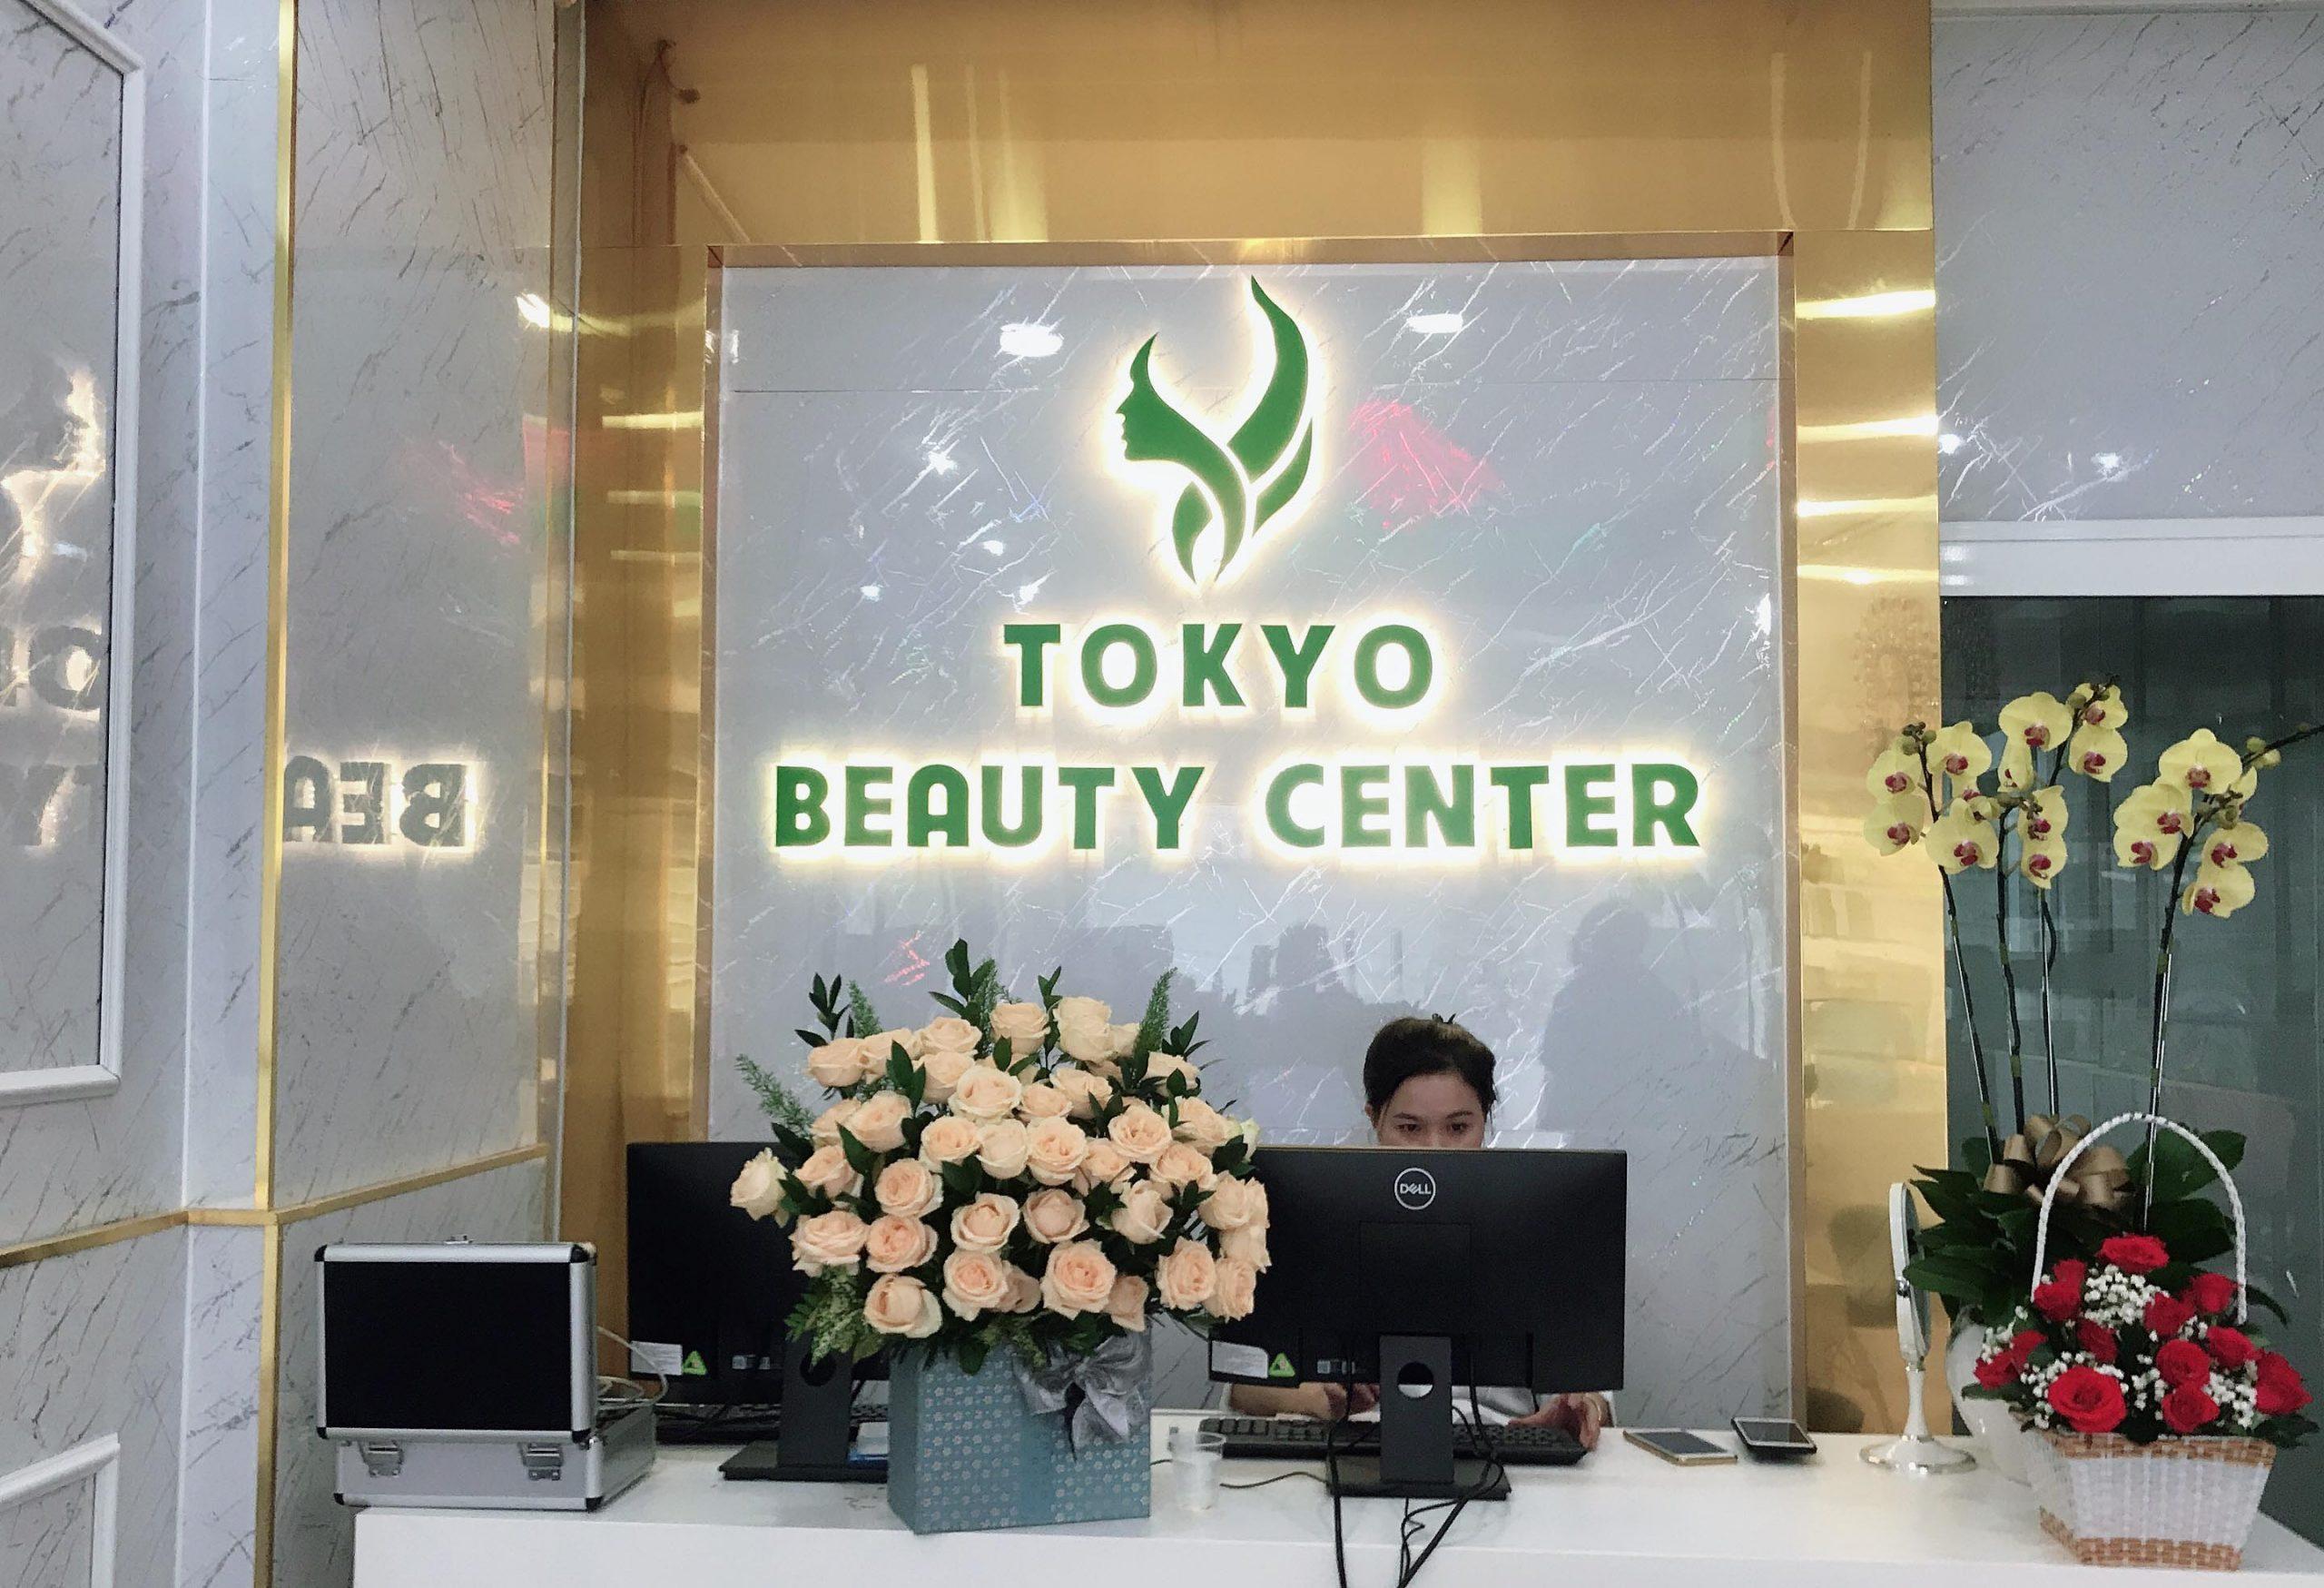 Tokyo Beauty Center -Sử dụng bí quyết từ Nhật Bản